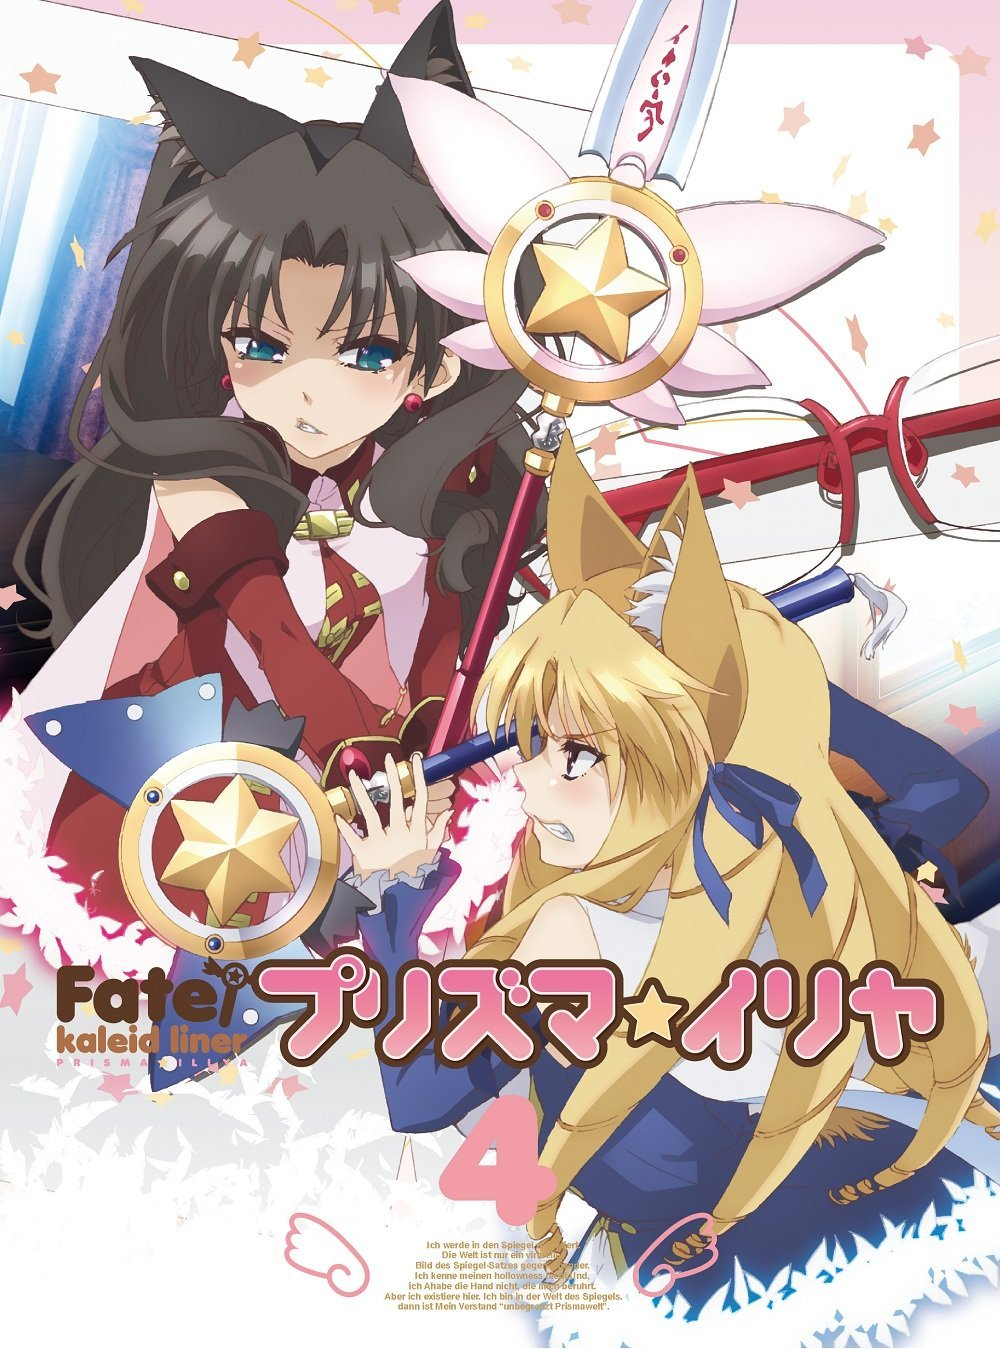 「 Fate/kaleid liner プリズマ☆イリヤ 」ってどんな作品?他のFateシリーズと繋がりはあるの?